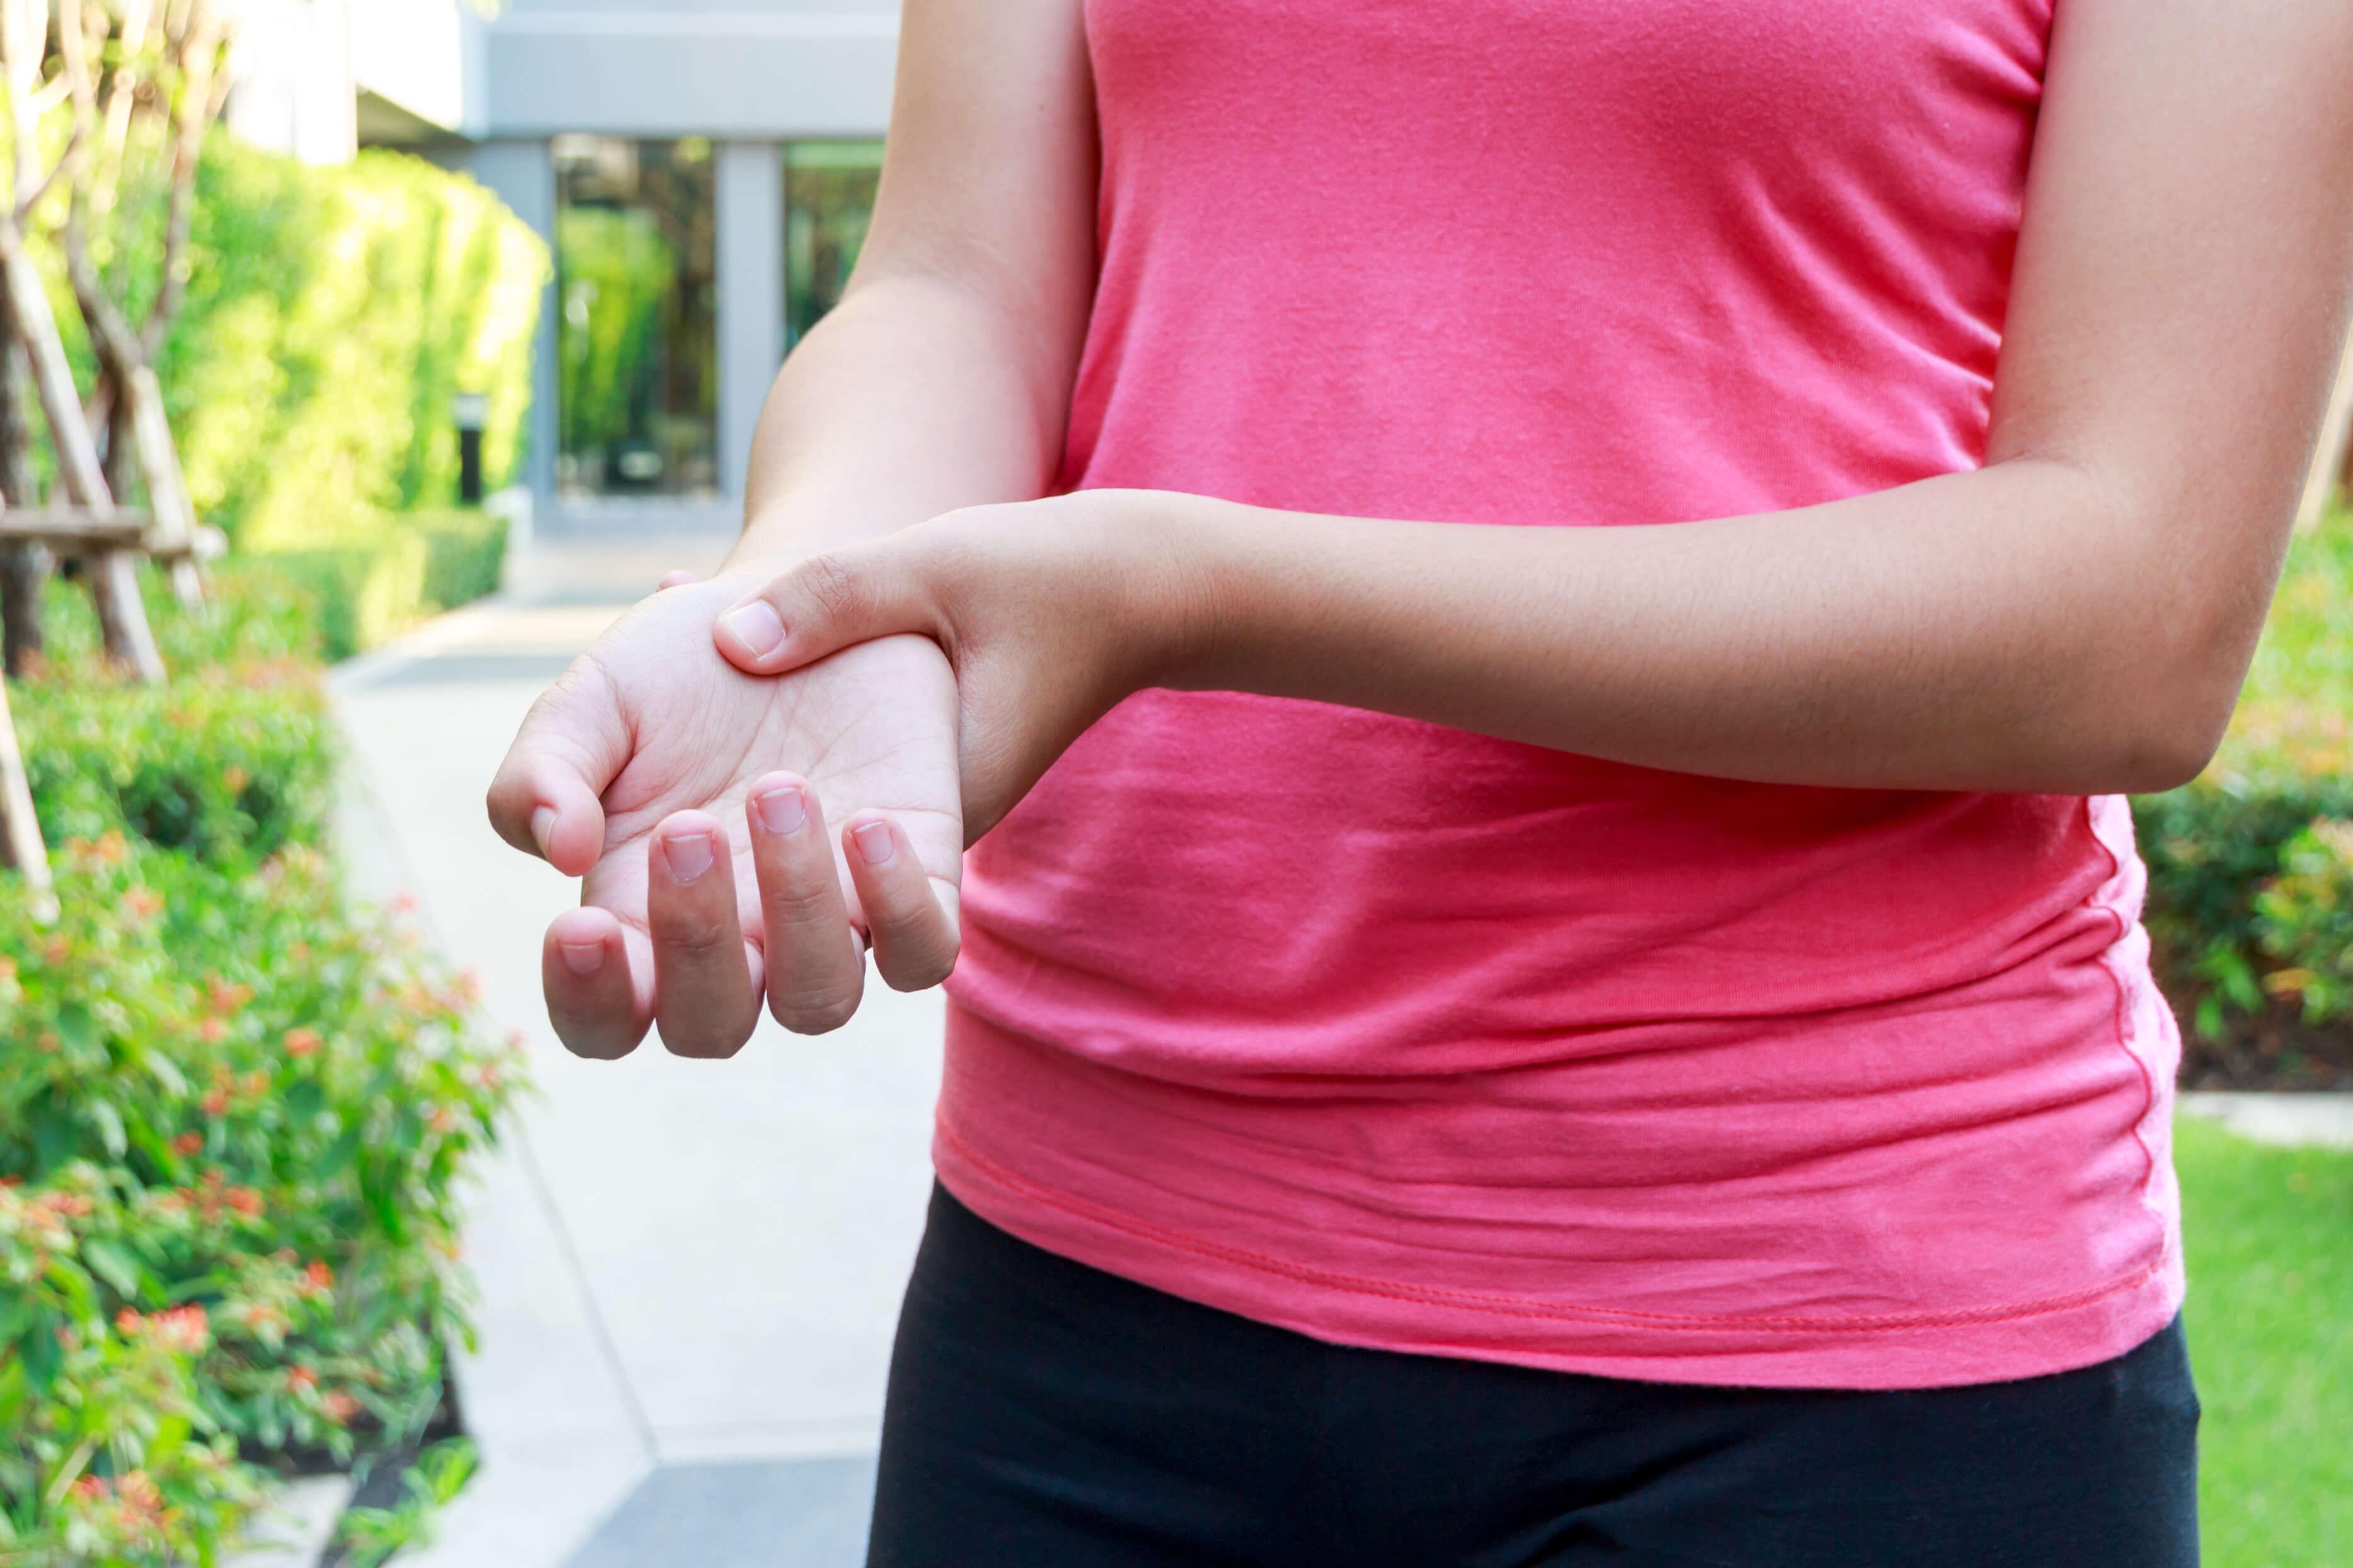 Treating Hand Pain